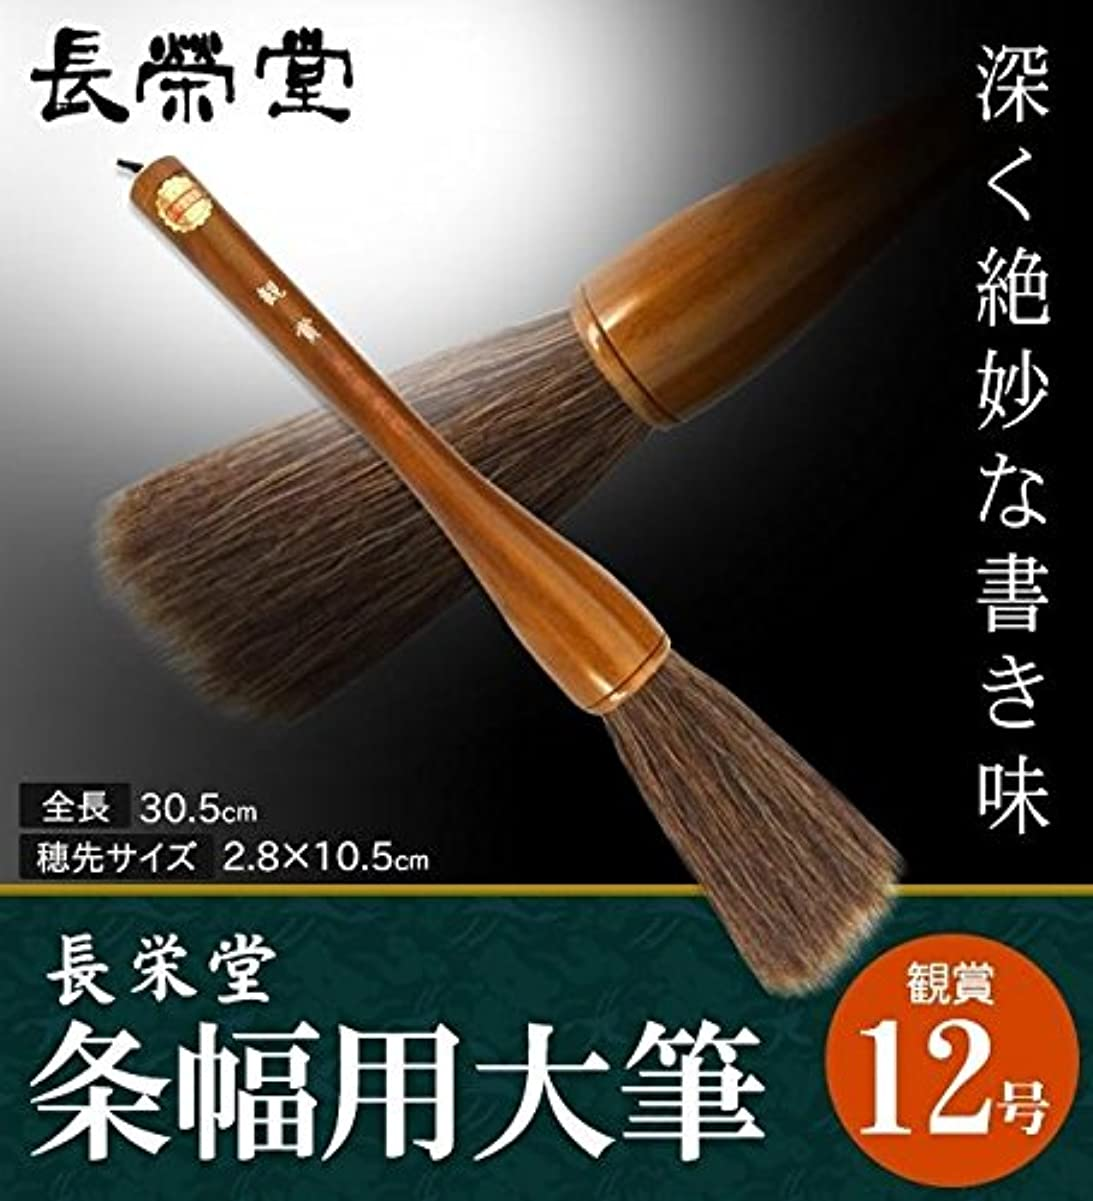 ピッチャートラップ保護する長栄堂 条幅用大筆 観賞 (12号) 30131